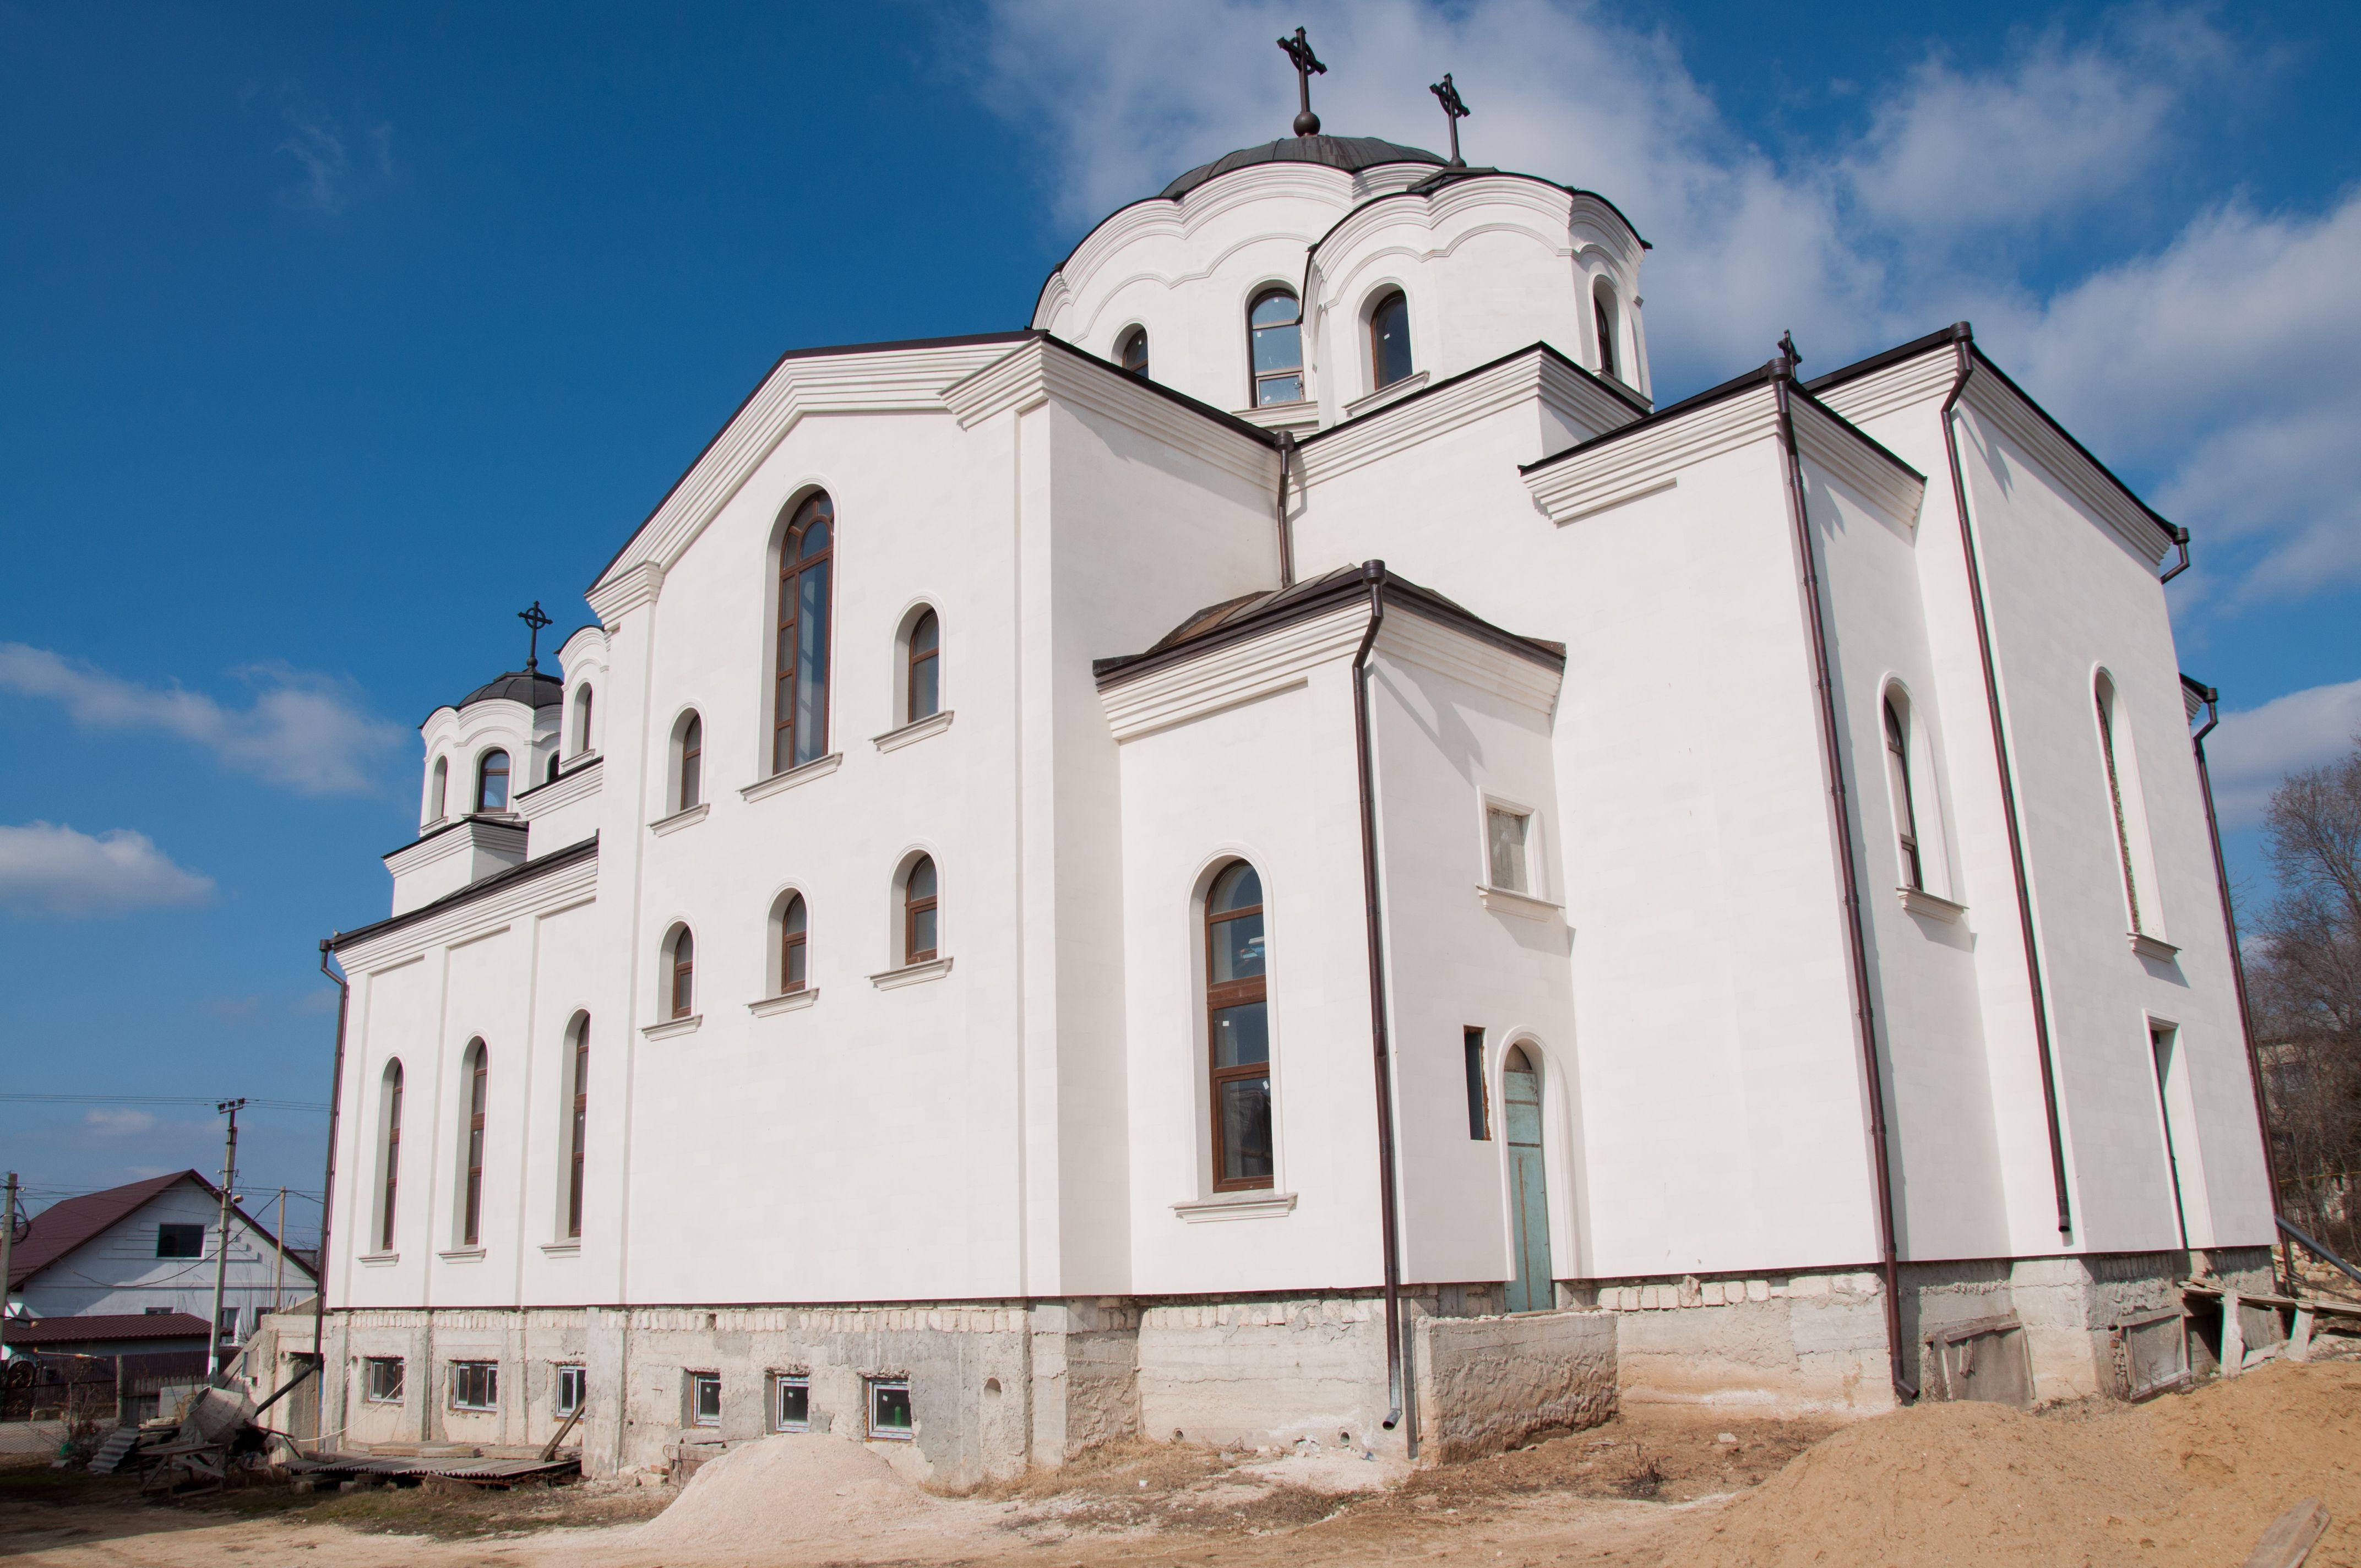 (Фото) Храм строится там где есть православная вера. Церковь Копчак